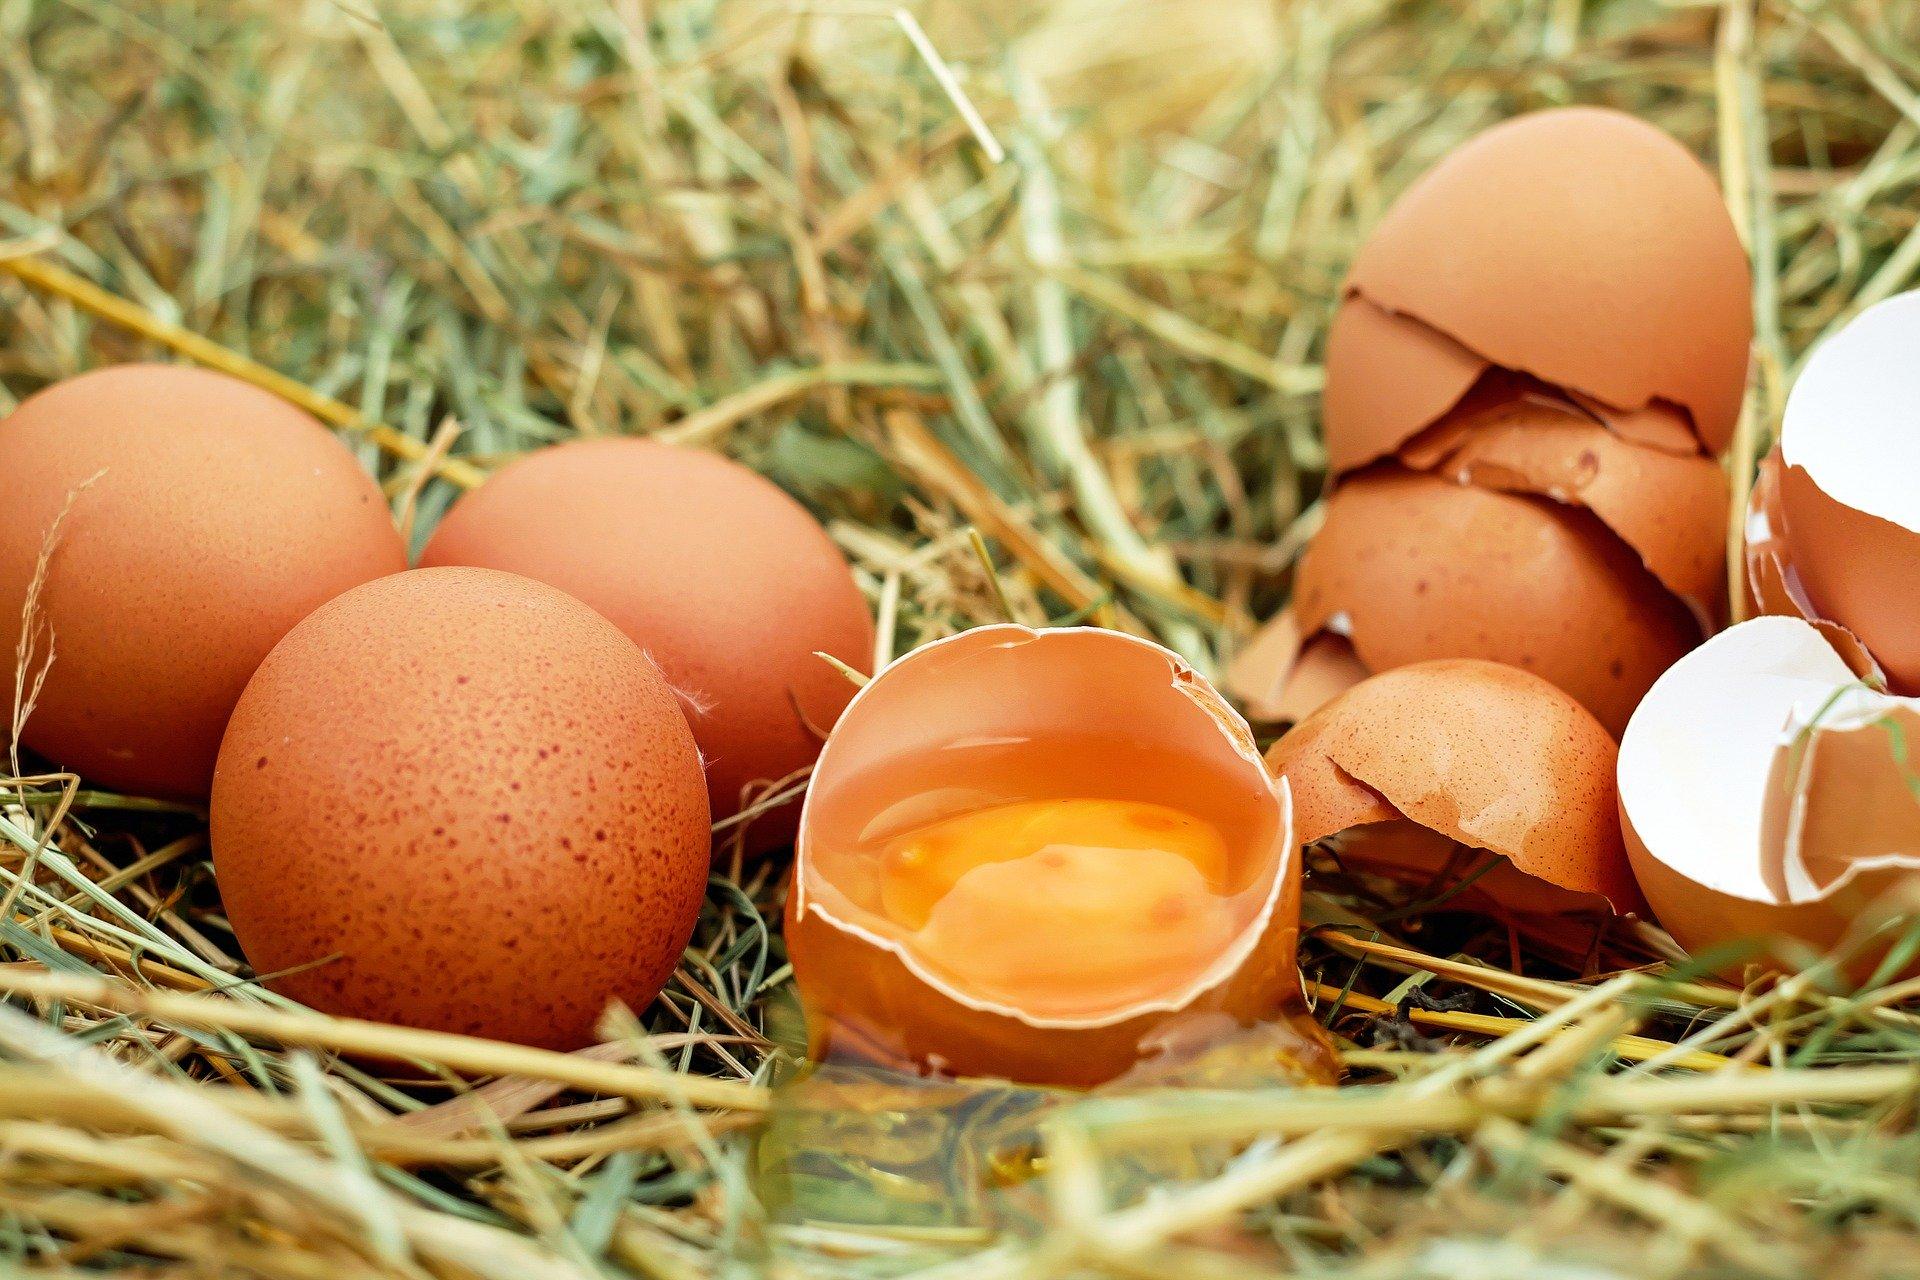 comida ecológica huevos